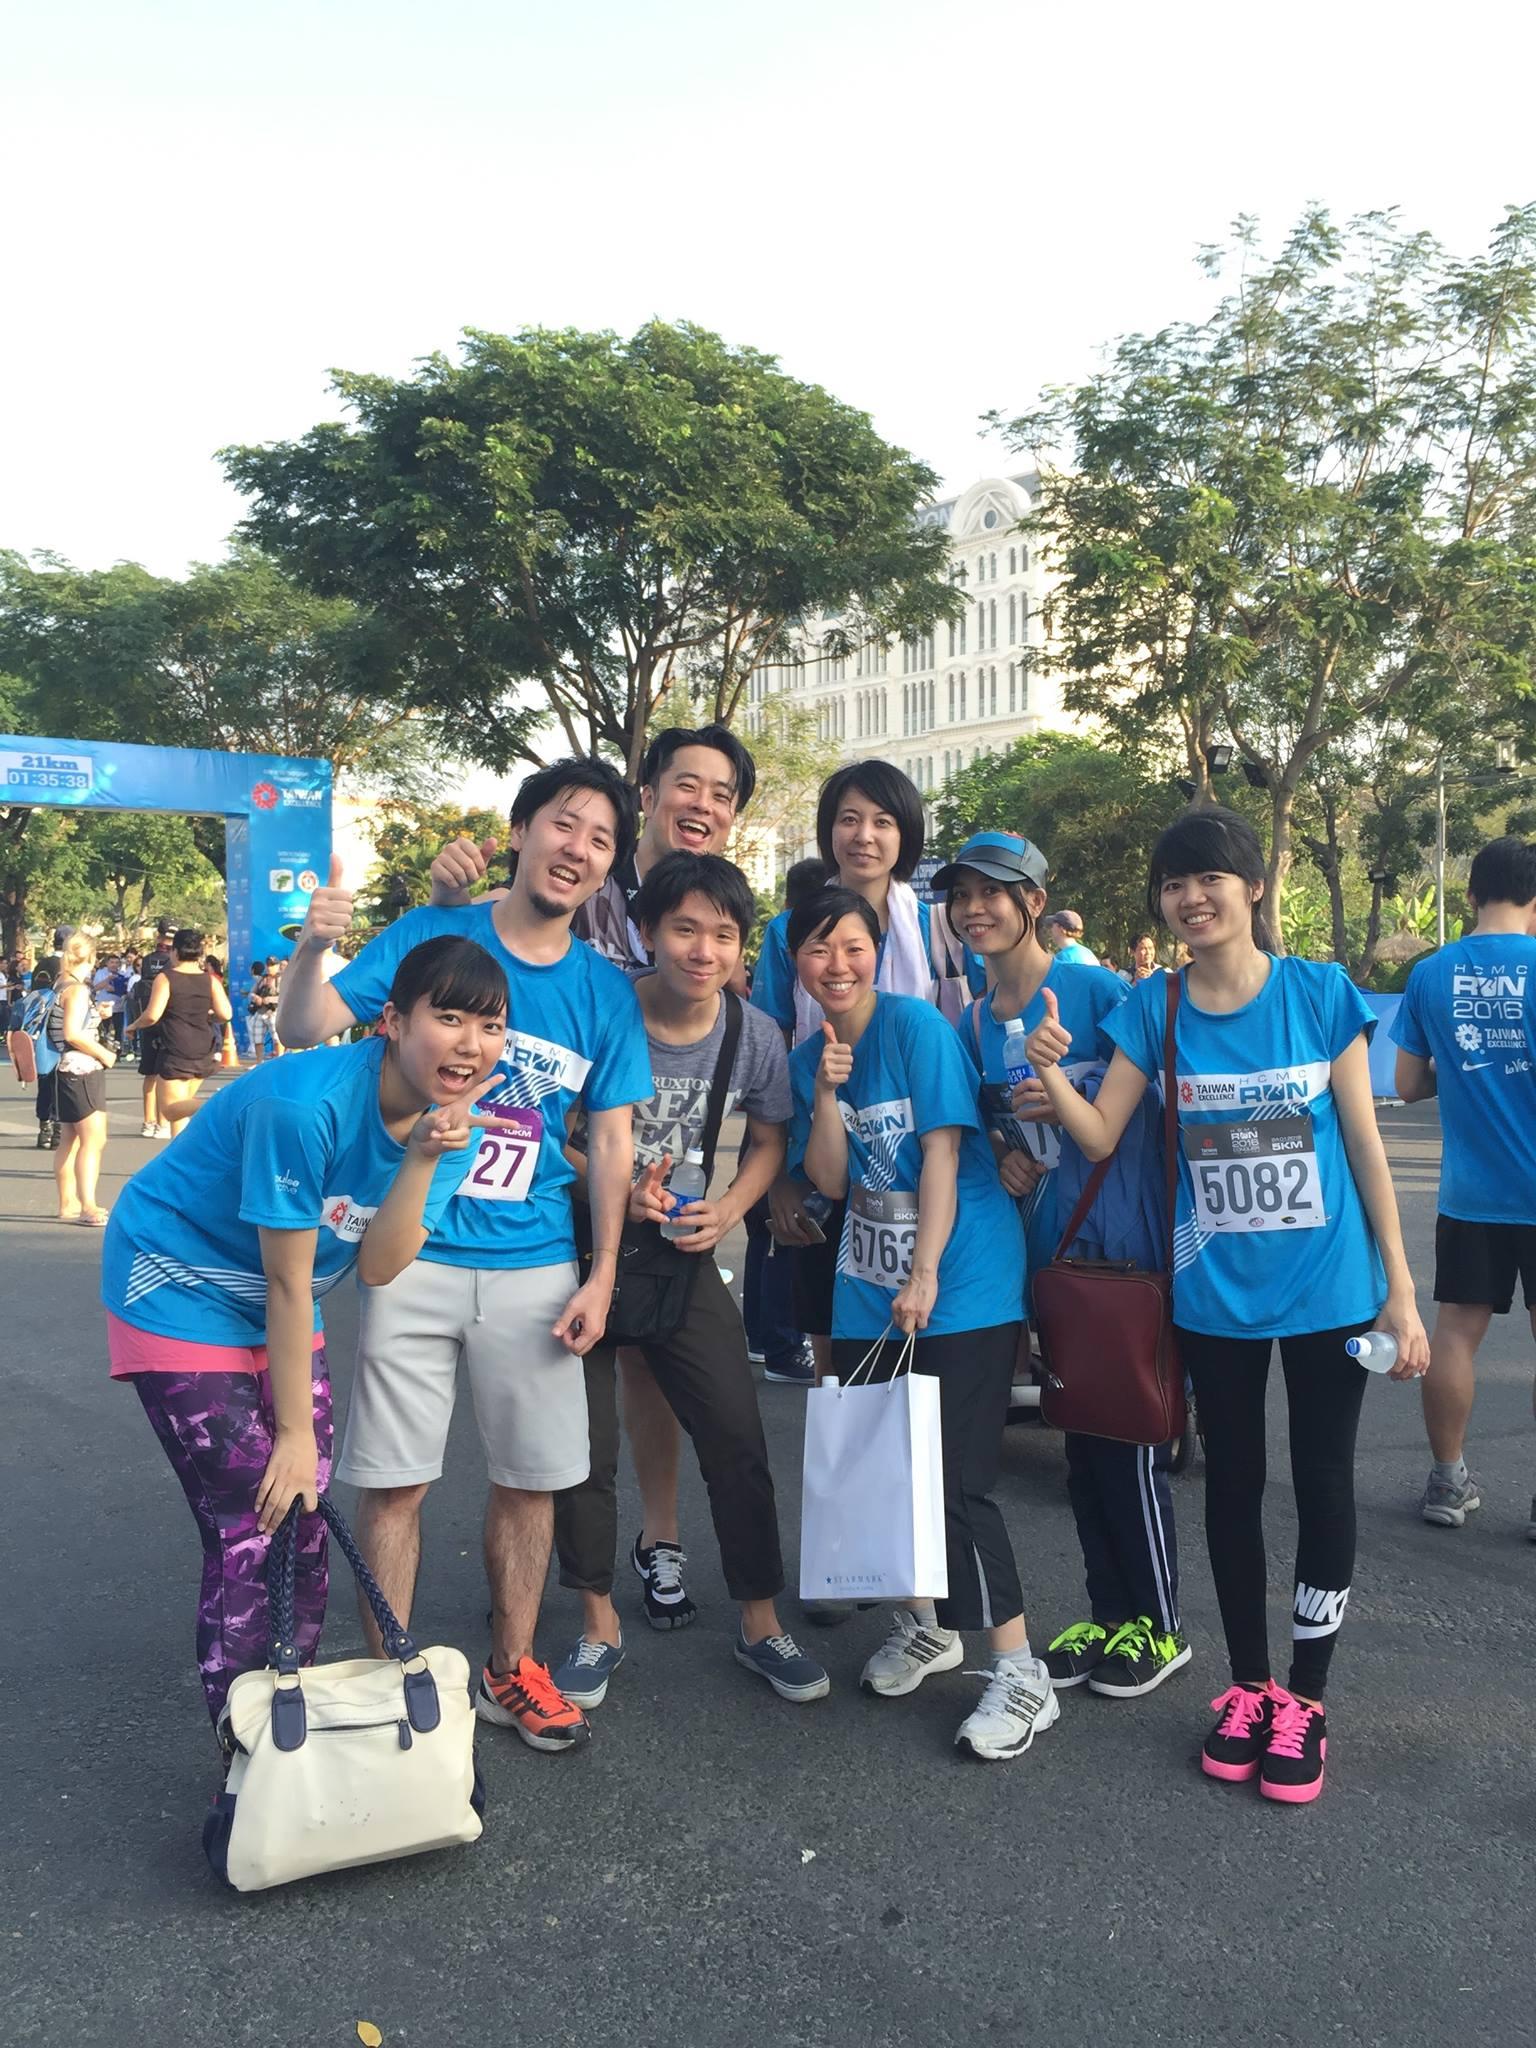 ベトナムオフィスの社員と参加したホーチミンランニング大会